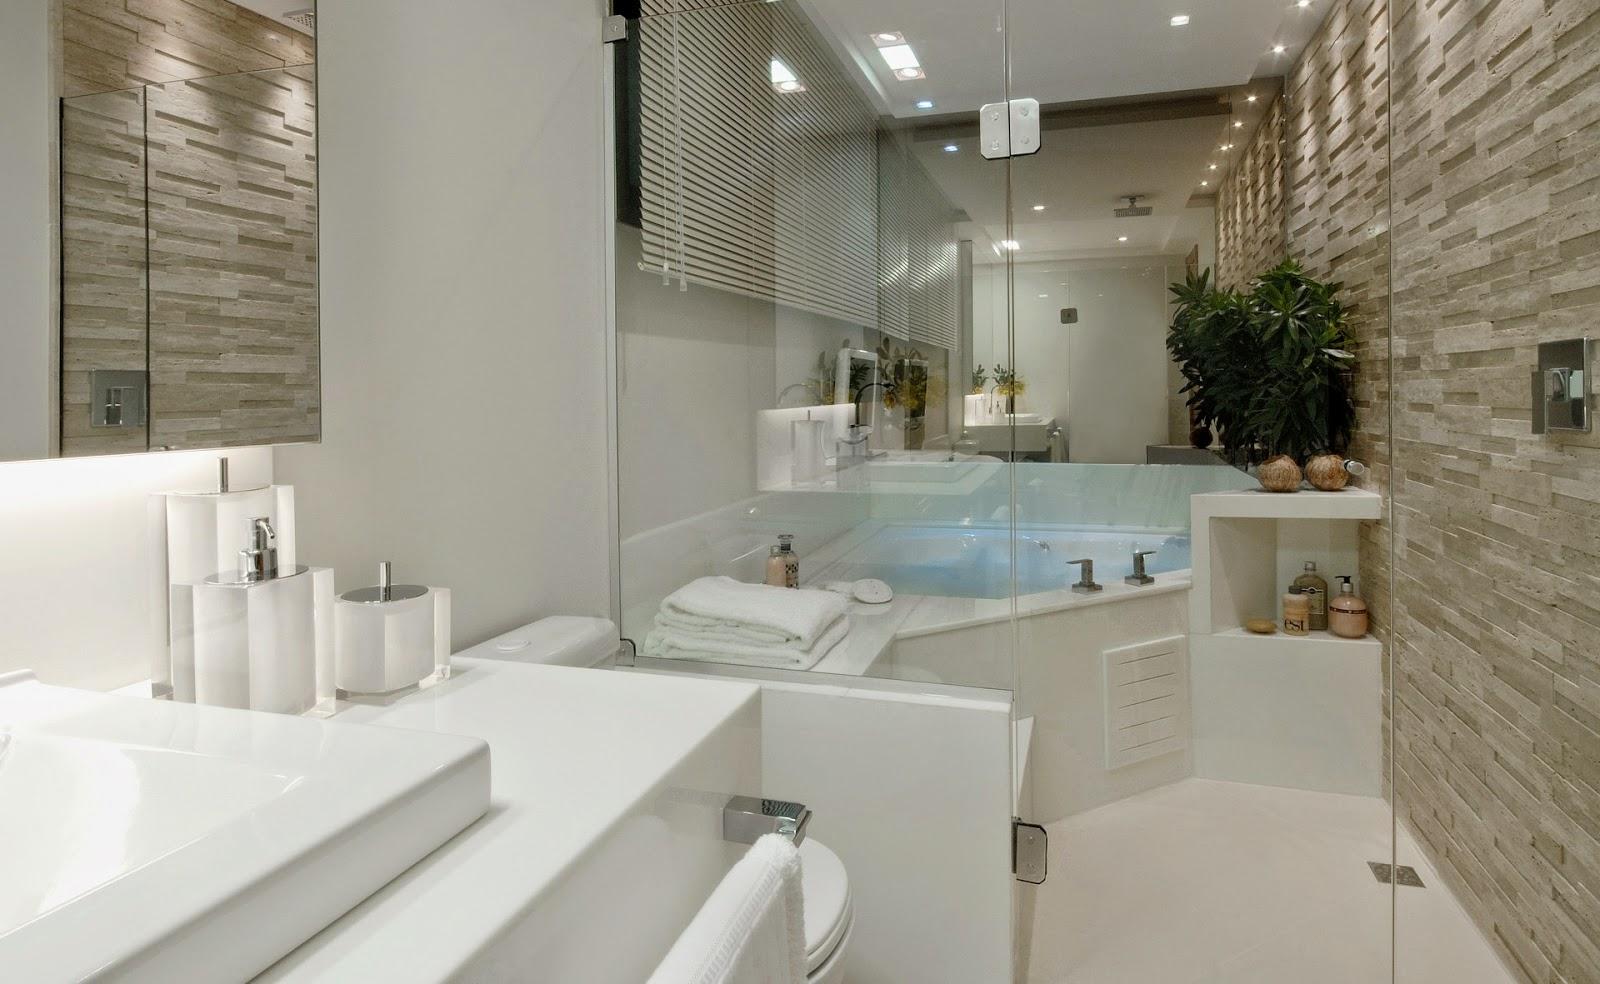 Banheiros claros branco e bege – veja modelos modernos e dicas!  Decor Salt -> Decoracao De Banheiro Pequeno Bege